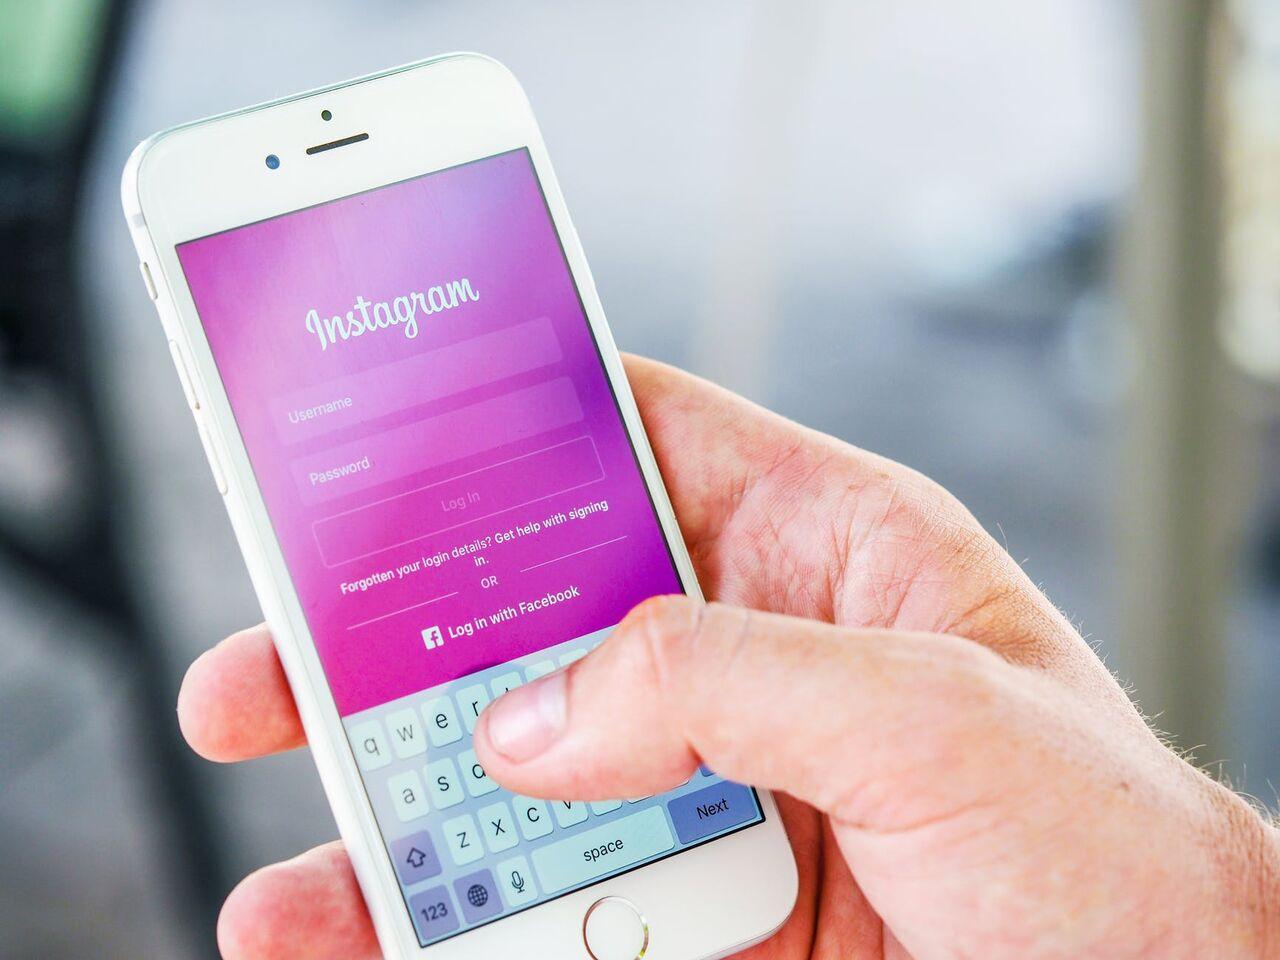 Социальная сеть Instagram планирует ввести несколько новых функций которые помогут бороться с нежелательными комментариями в интернете